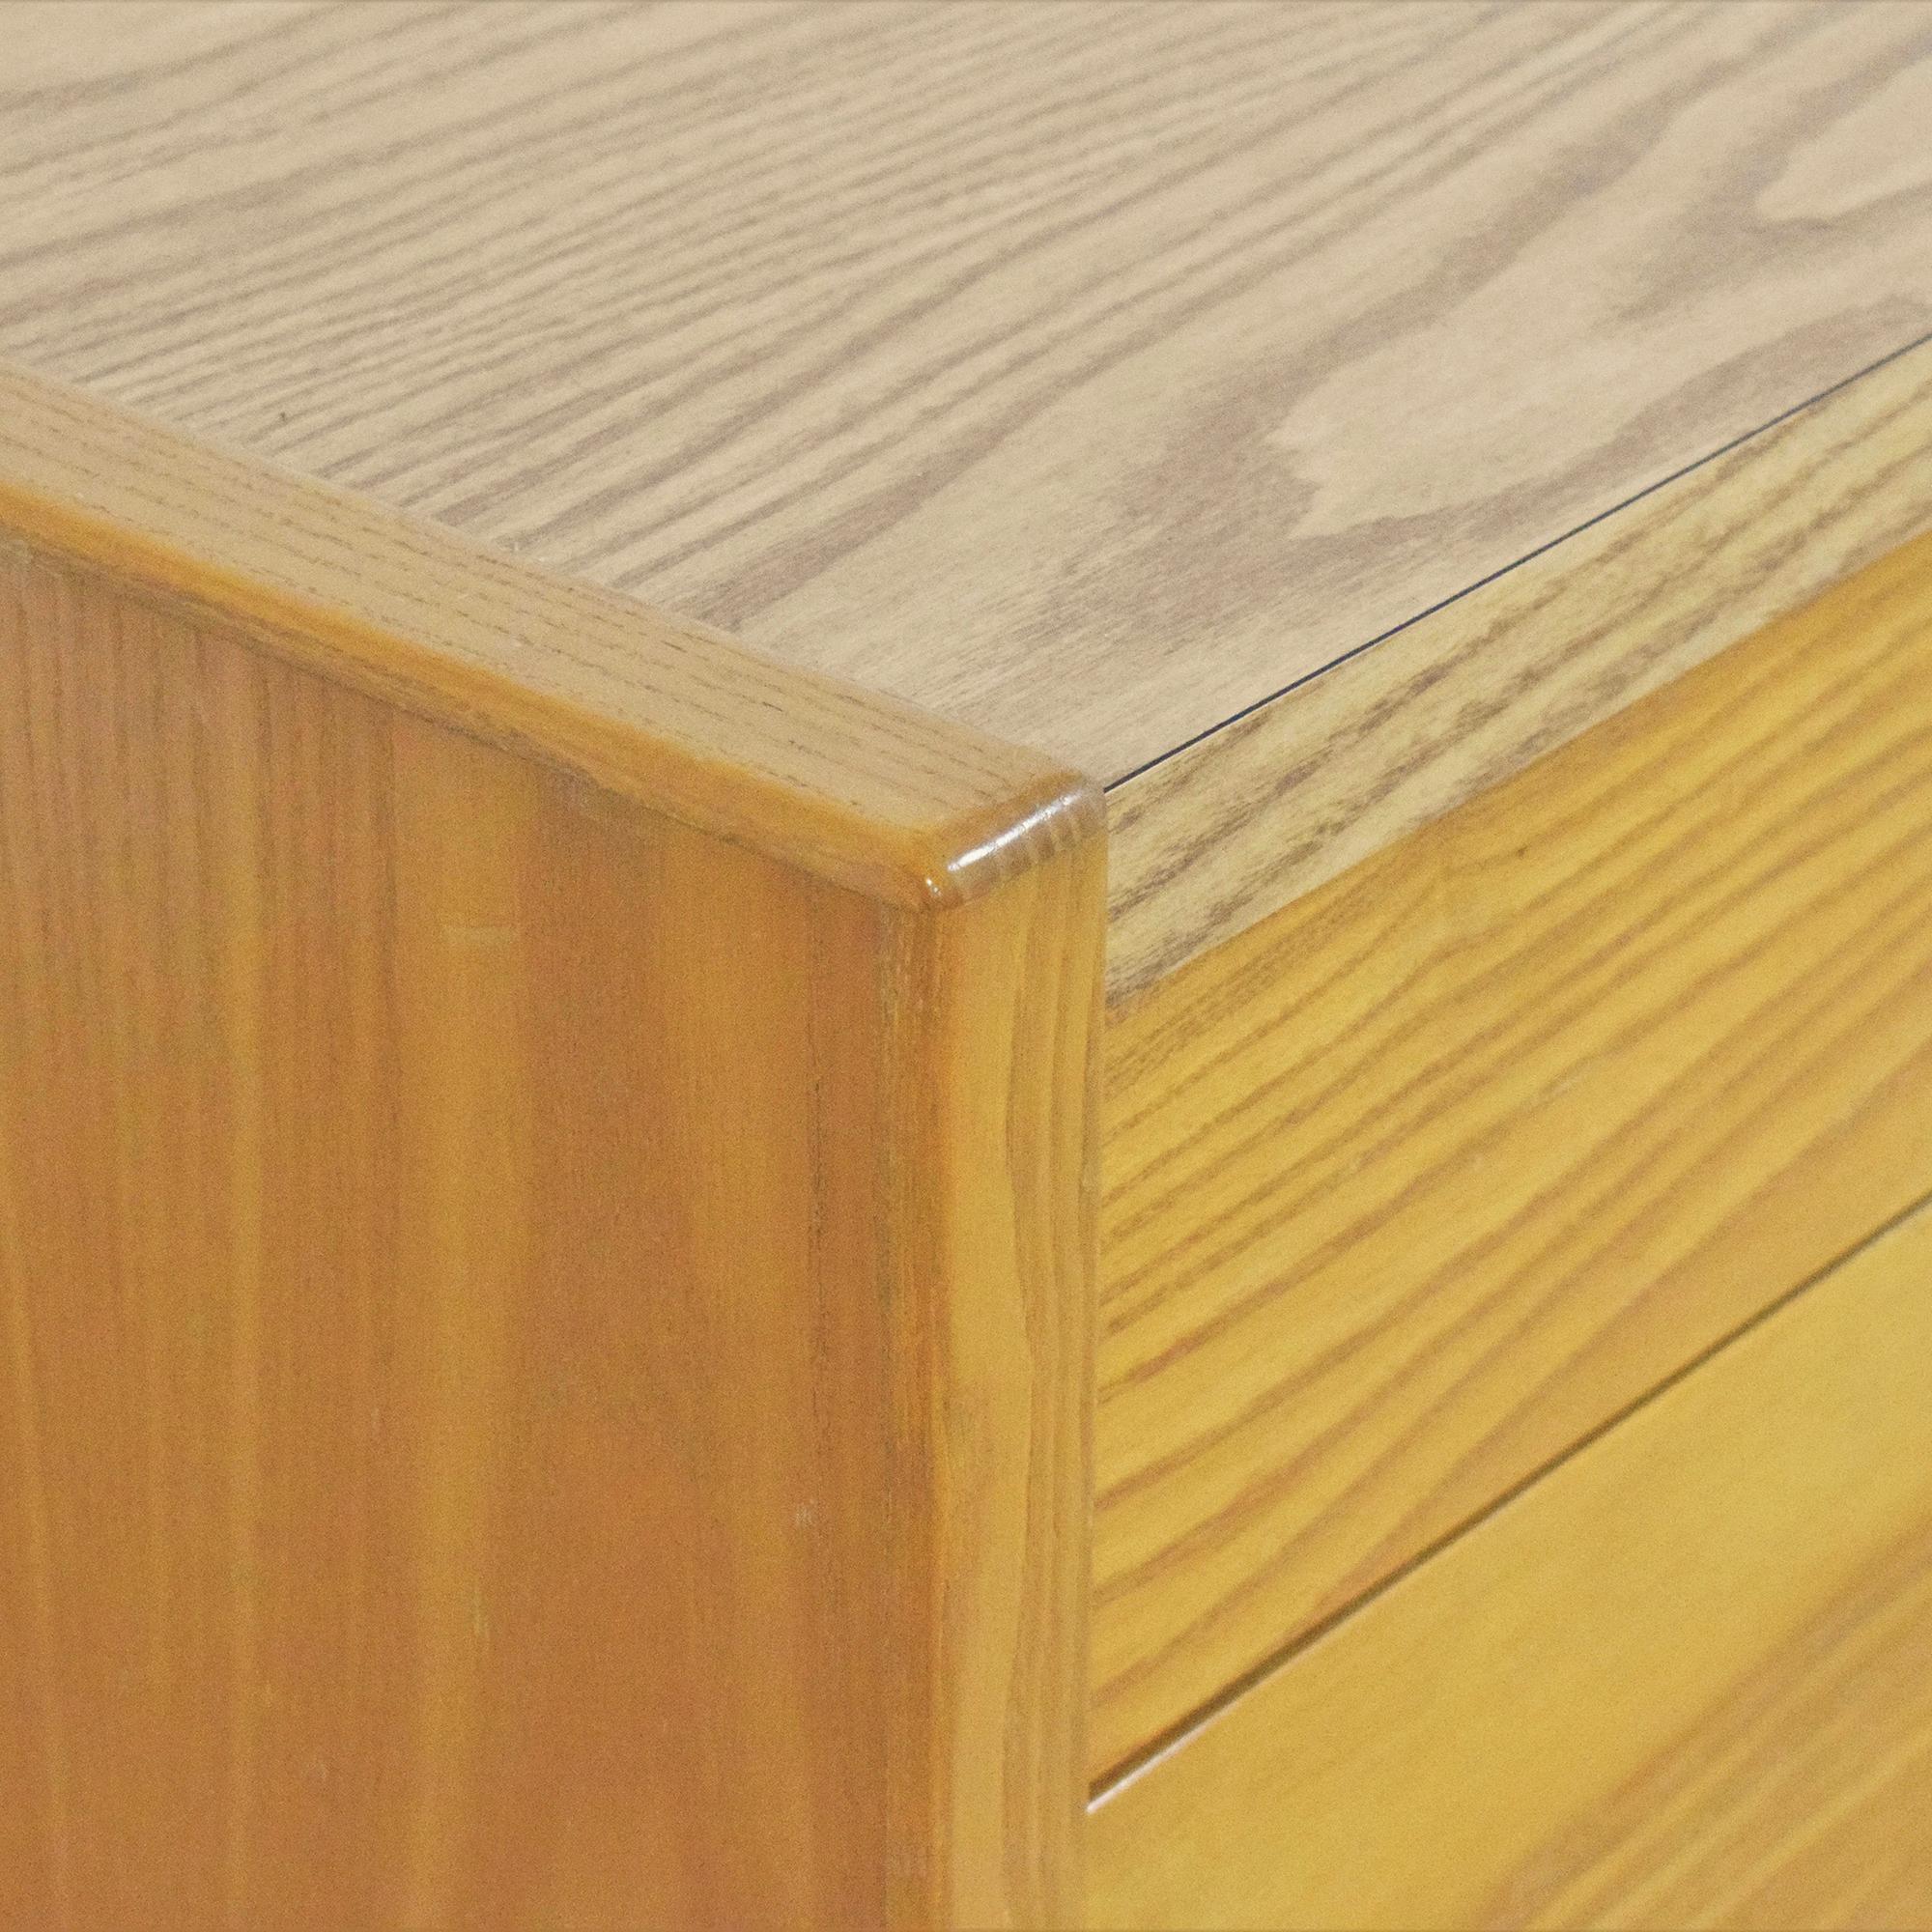 Boling Furniture Boling Executive Desk ma